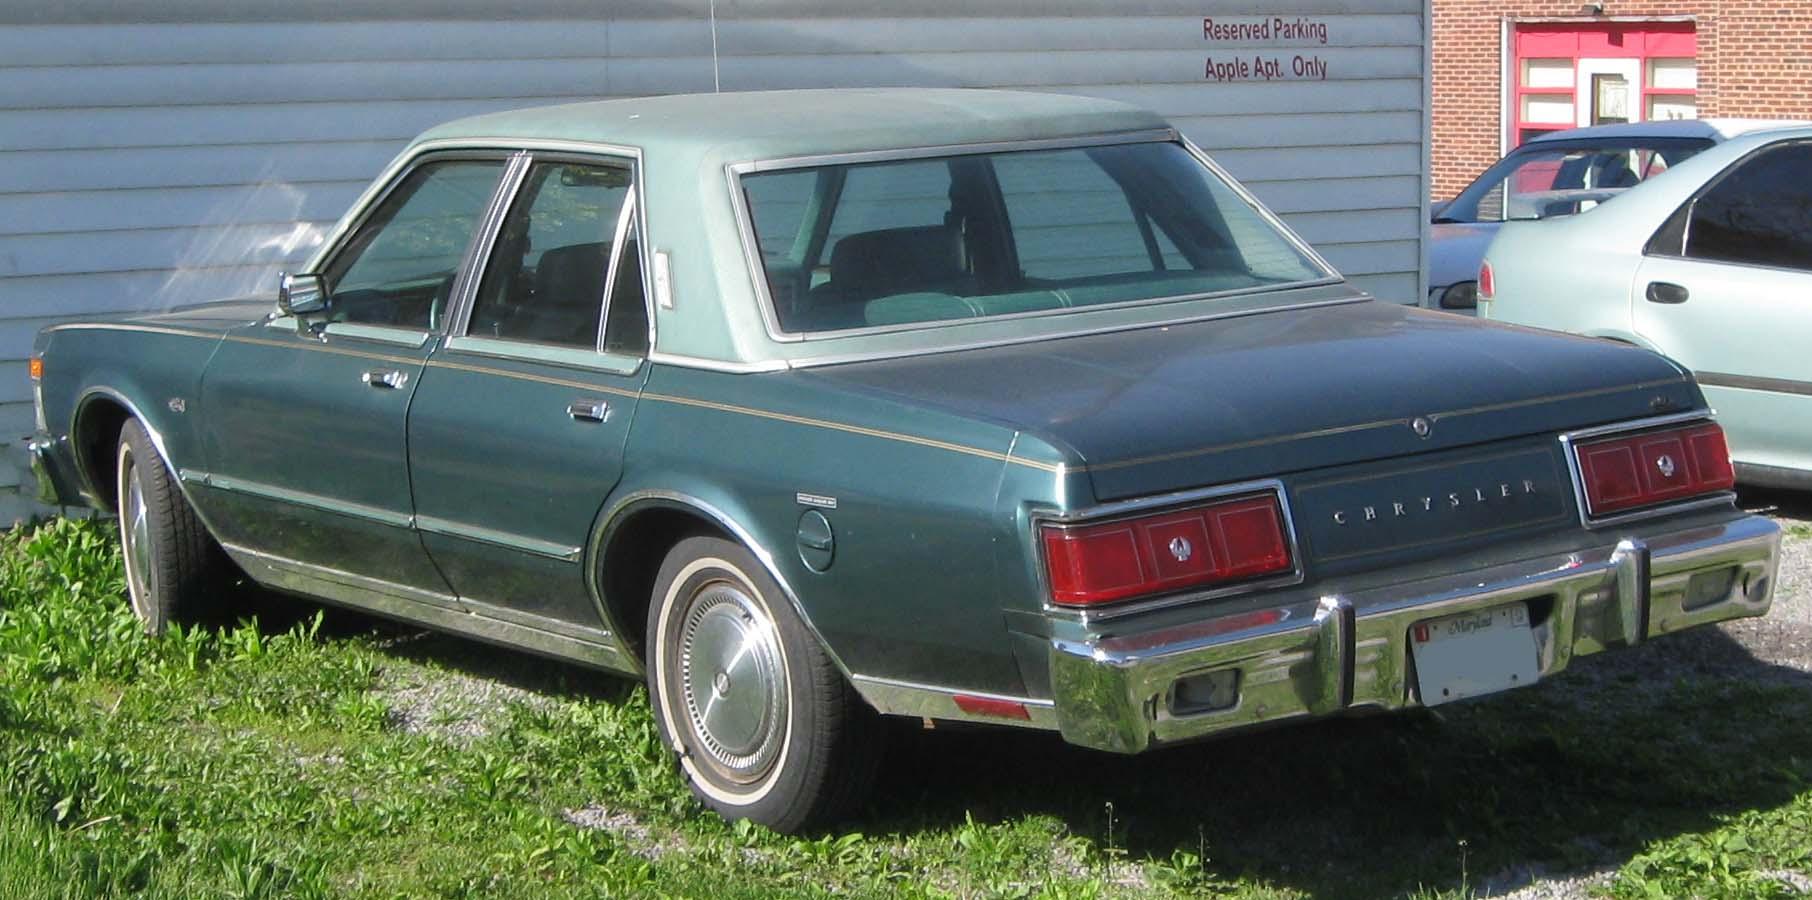 Chrysler LeBaron I 1977 - 1981 Coupe #2